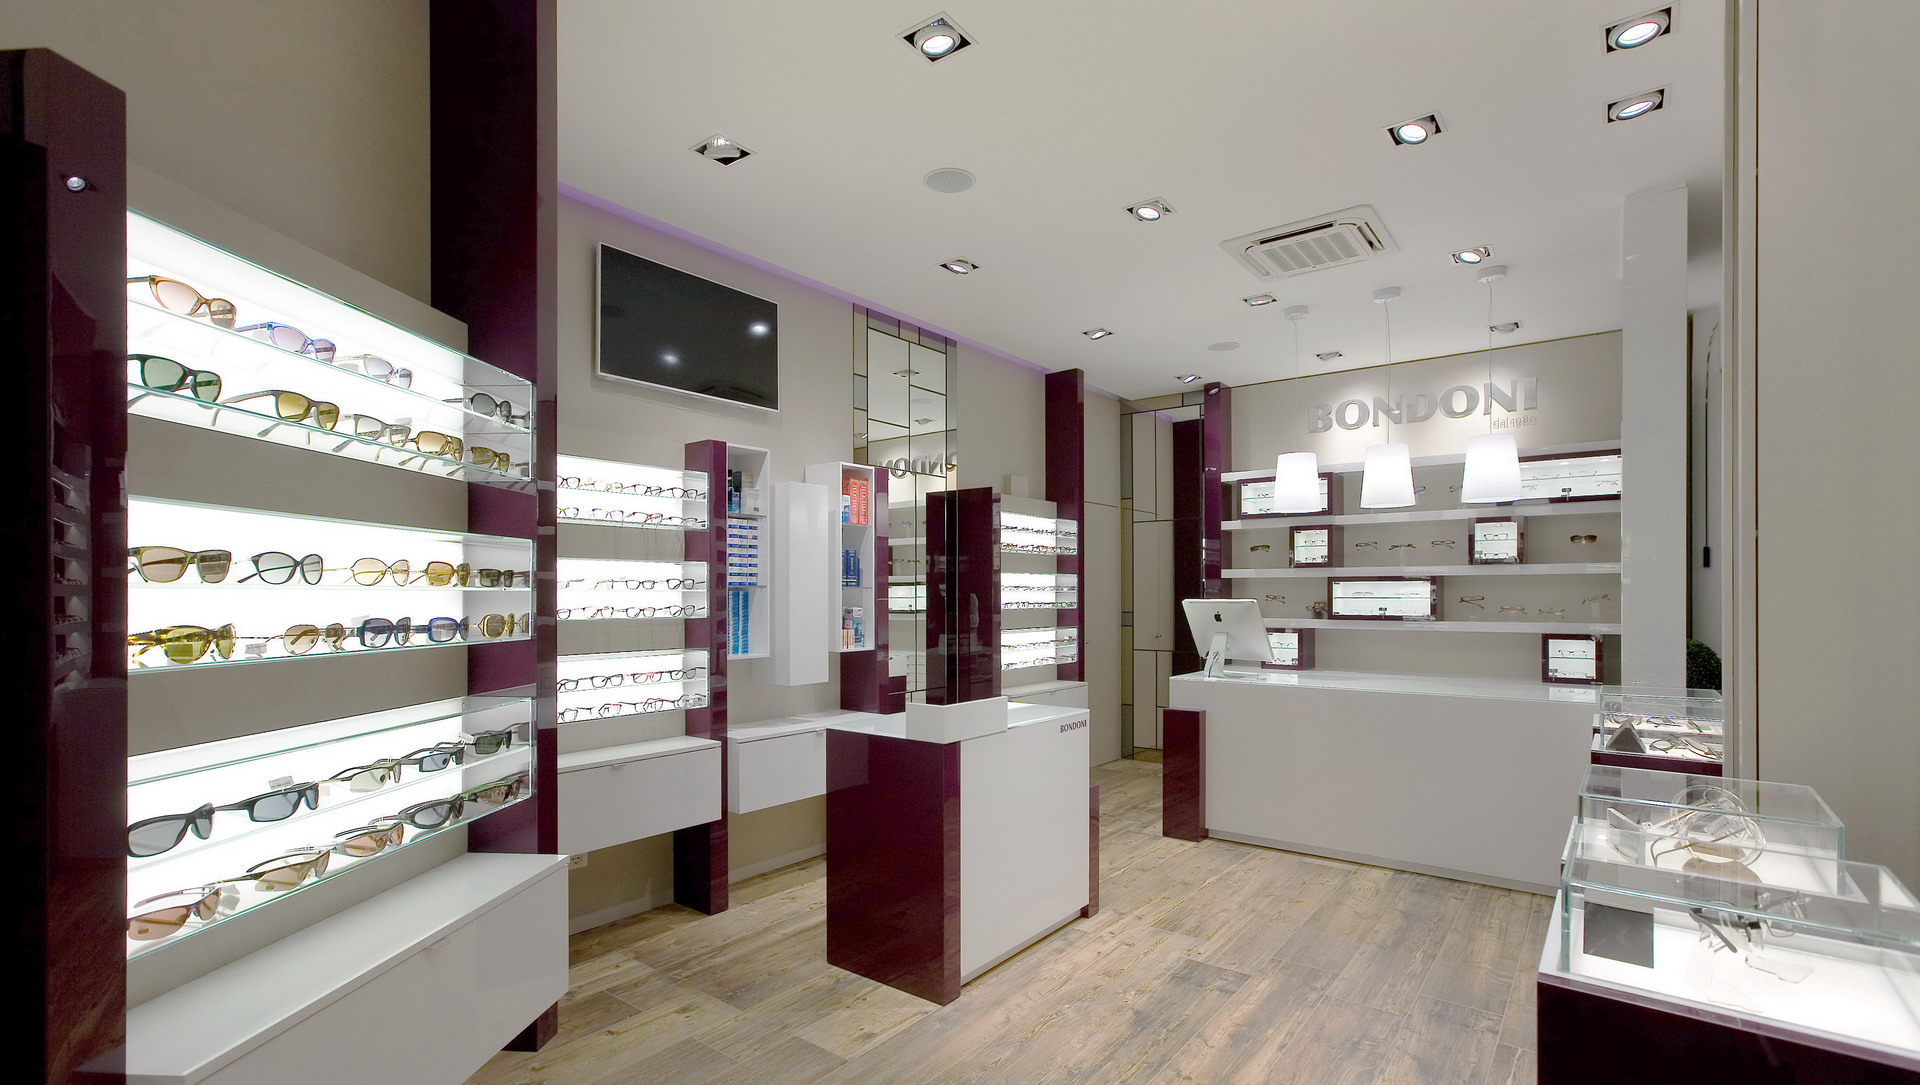 Arredamento ottica bondoni negozio di ottica milano for Negozi design